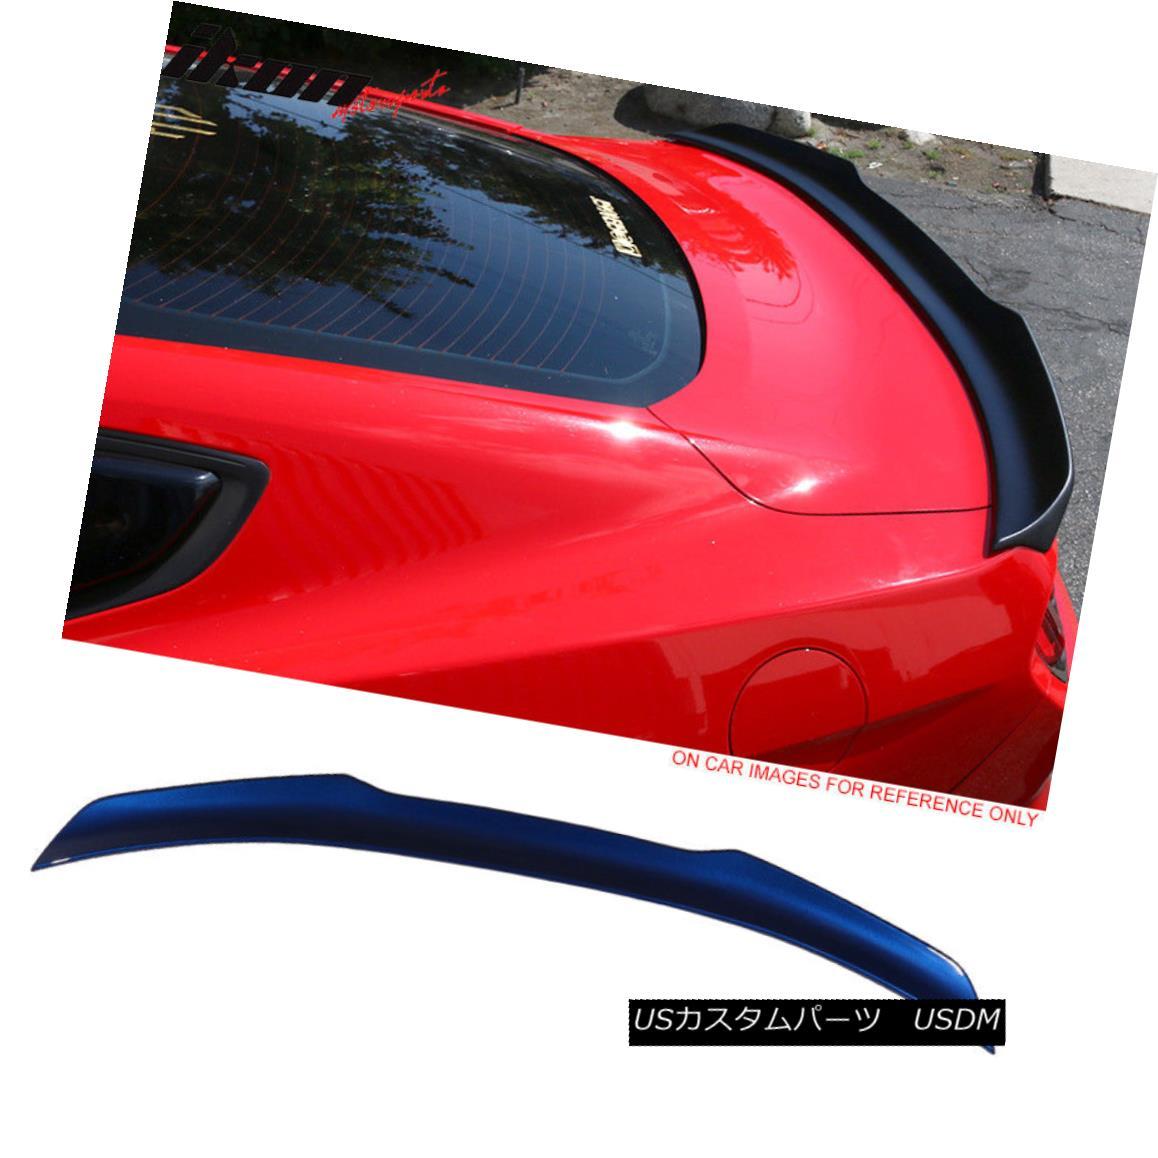 エアロパーツ Fits 15-18 Mustang High Kick Painted Trunk Spoiler #J4 Deep Impact Blue Metallic フィット15-18ムスタングハイキック塗装トランクスポイラー#J4ディープインパクトブルーメタリック